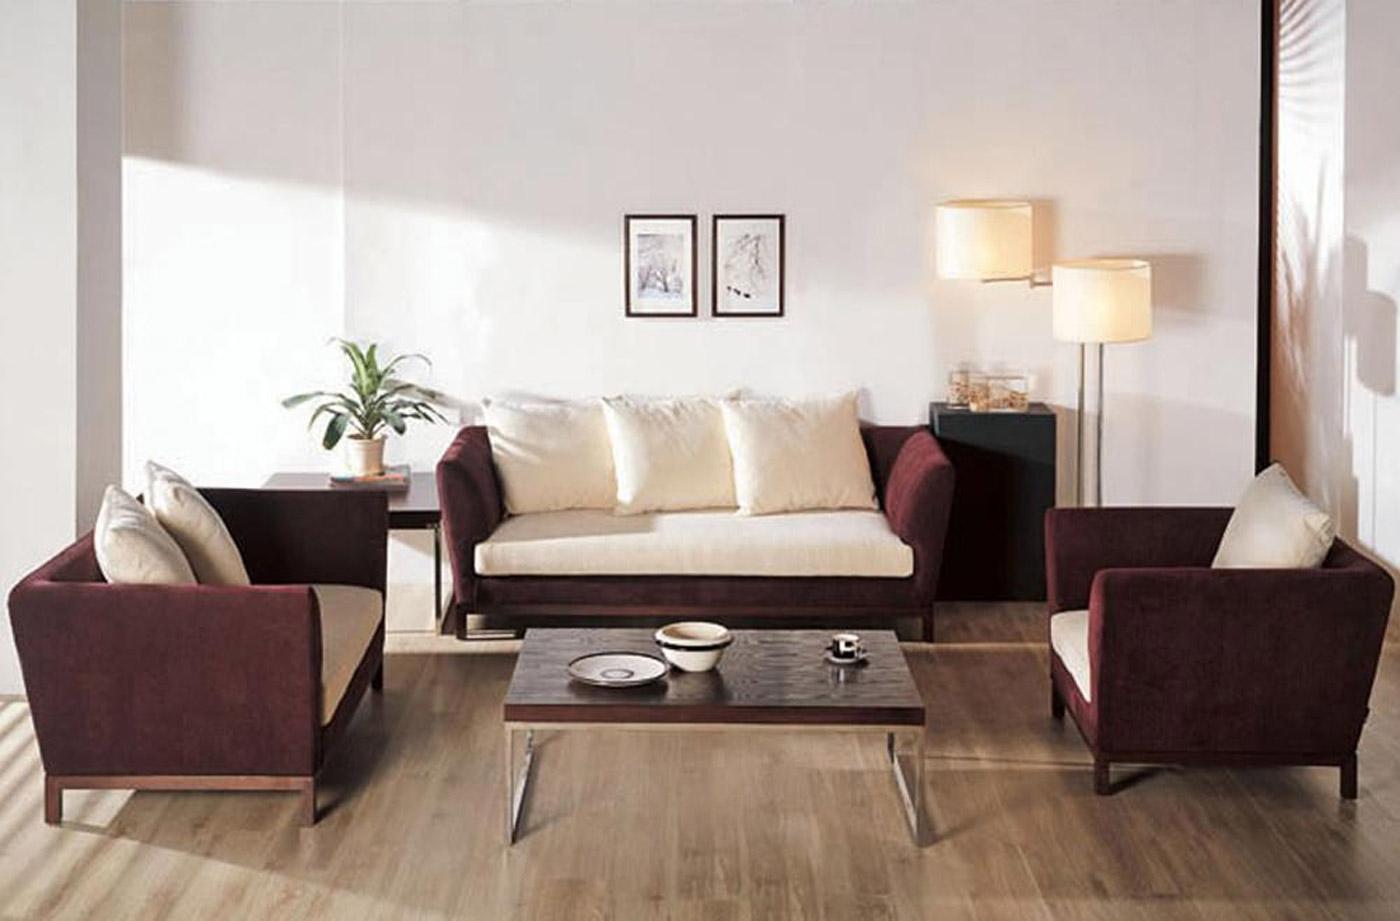 100 Ide Desain Interior Ruang Tamu Minimalis Rumahku Unik